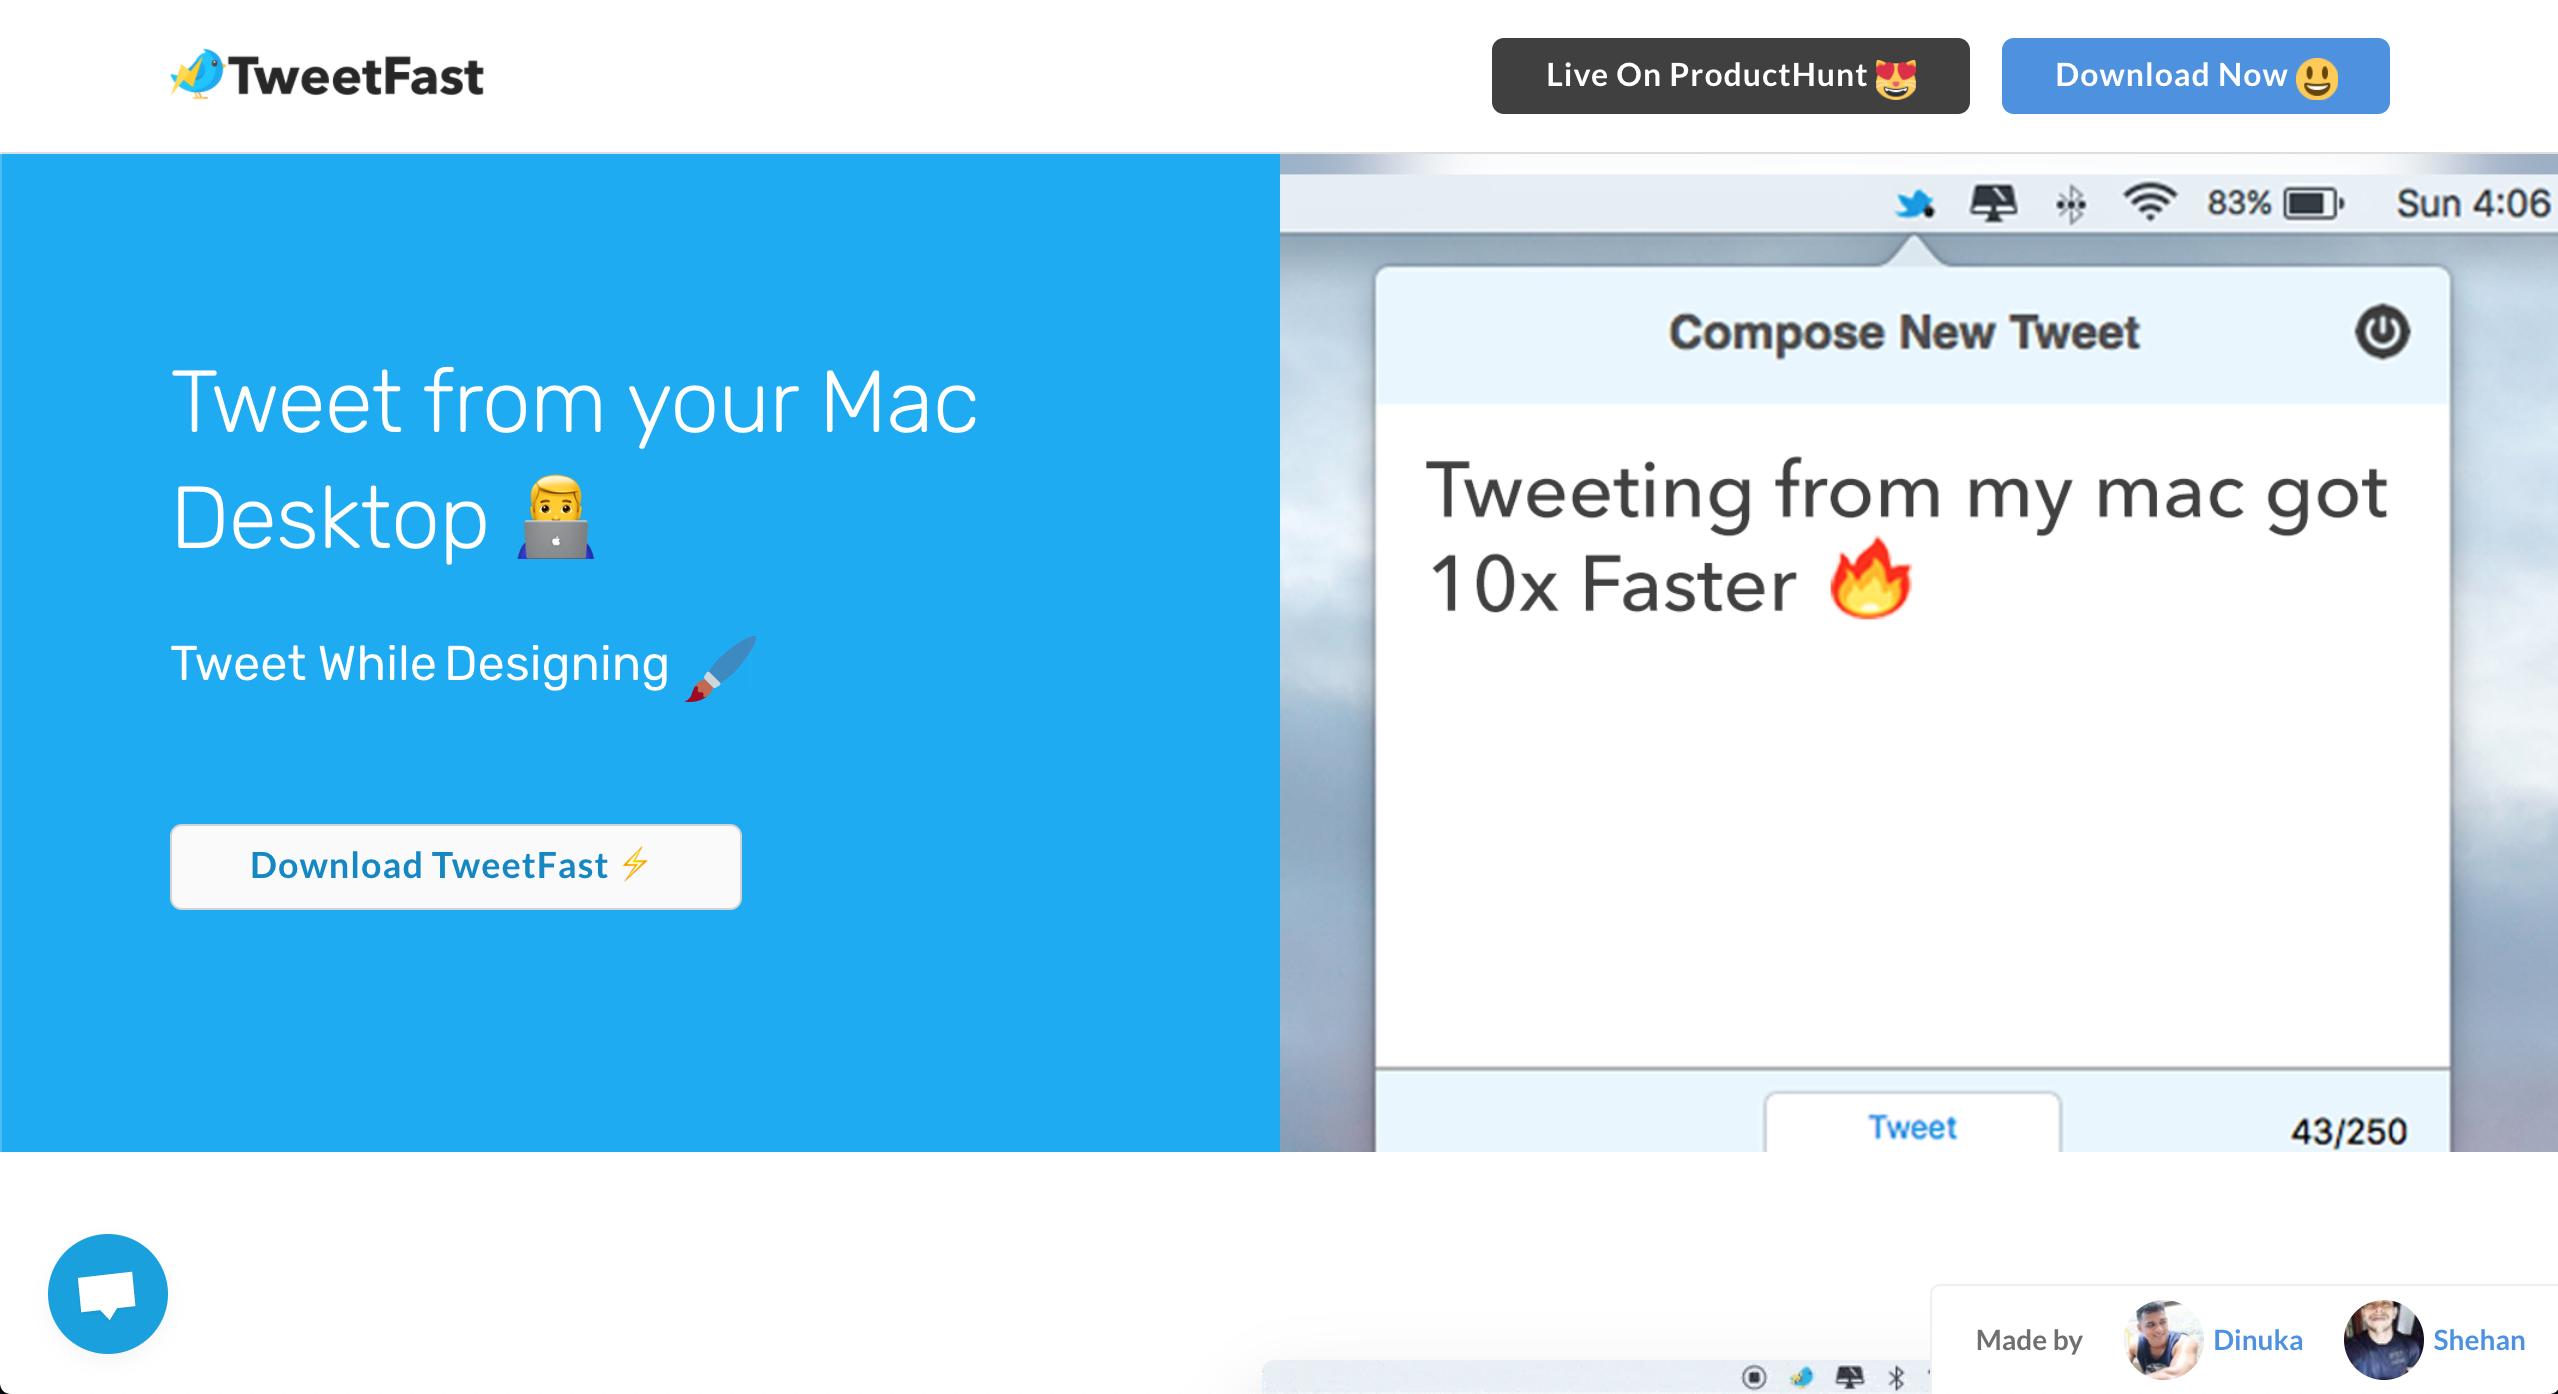 Remote Working Tools - TweetFast